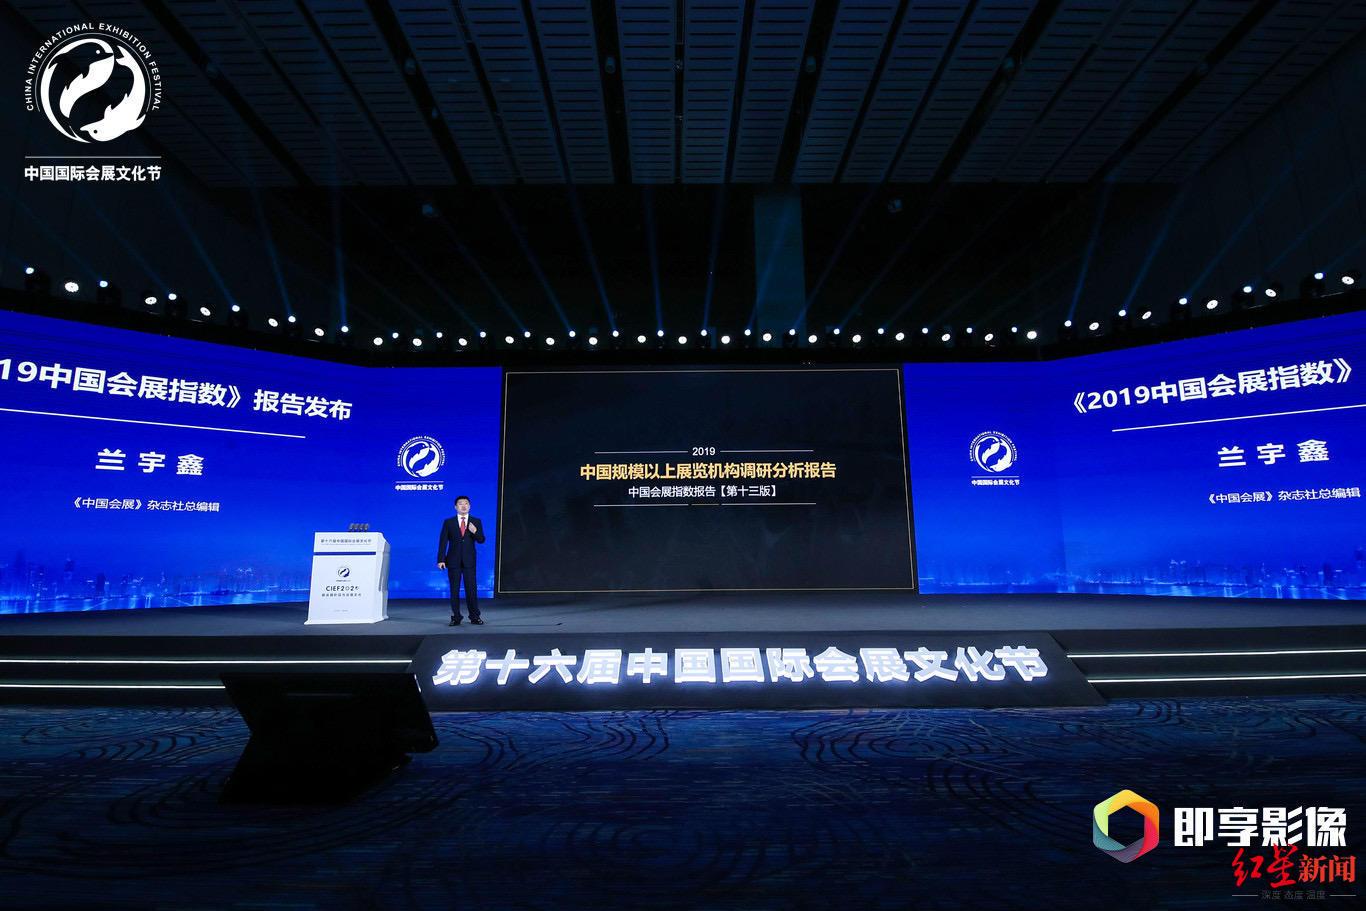 2019中国会展城市指数发布,成都位列全国第二